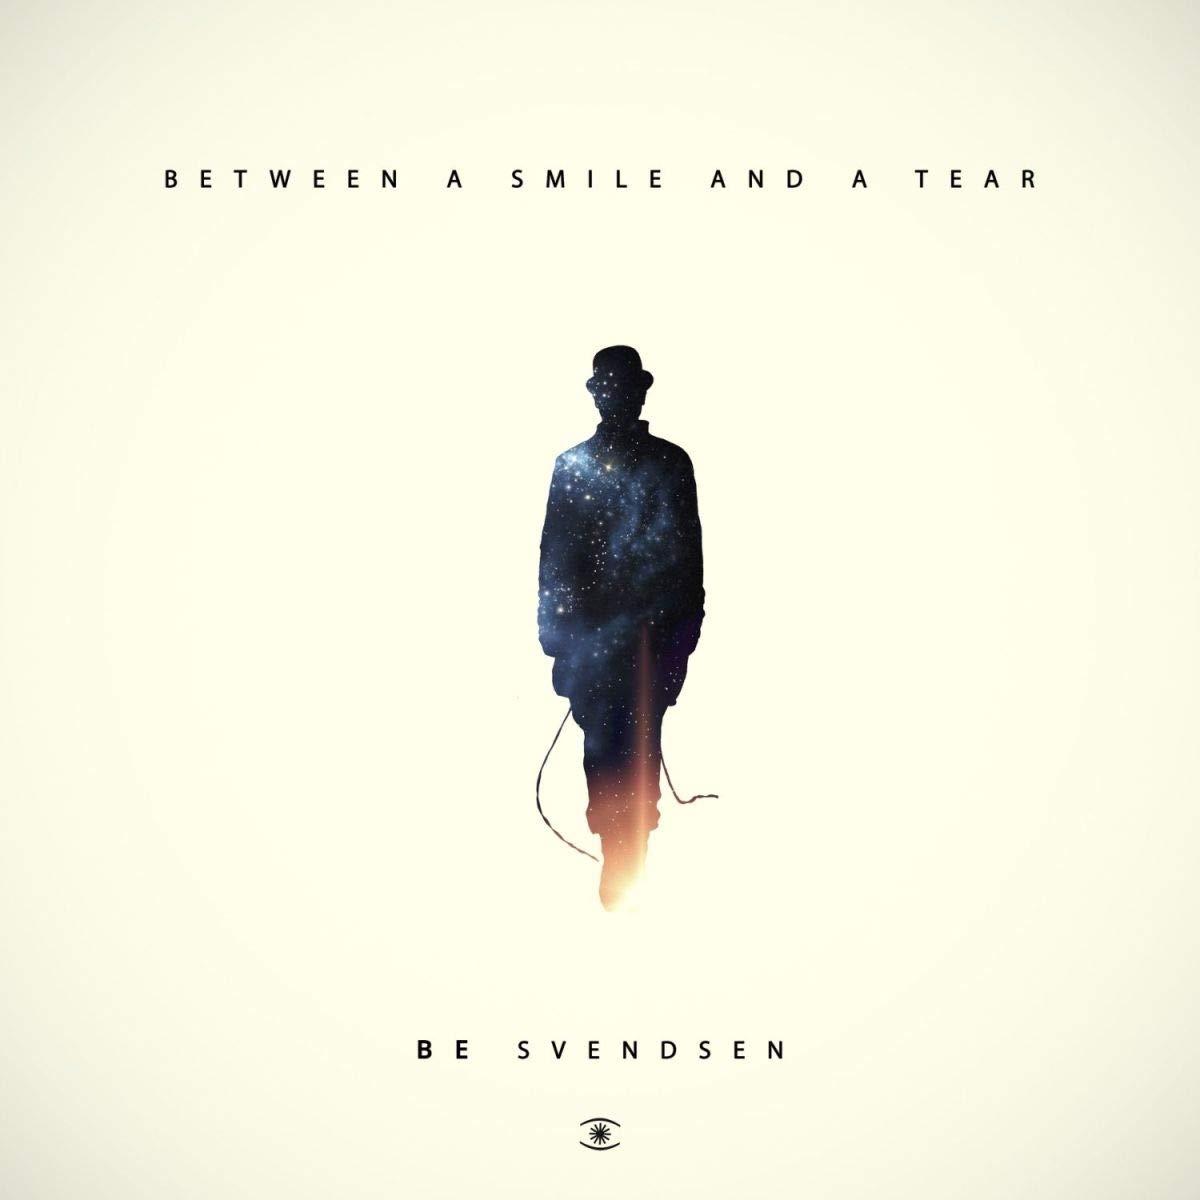 Vinilo : Be Svendsen - Between A Smile & A Tear (United Kingdom - Import)